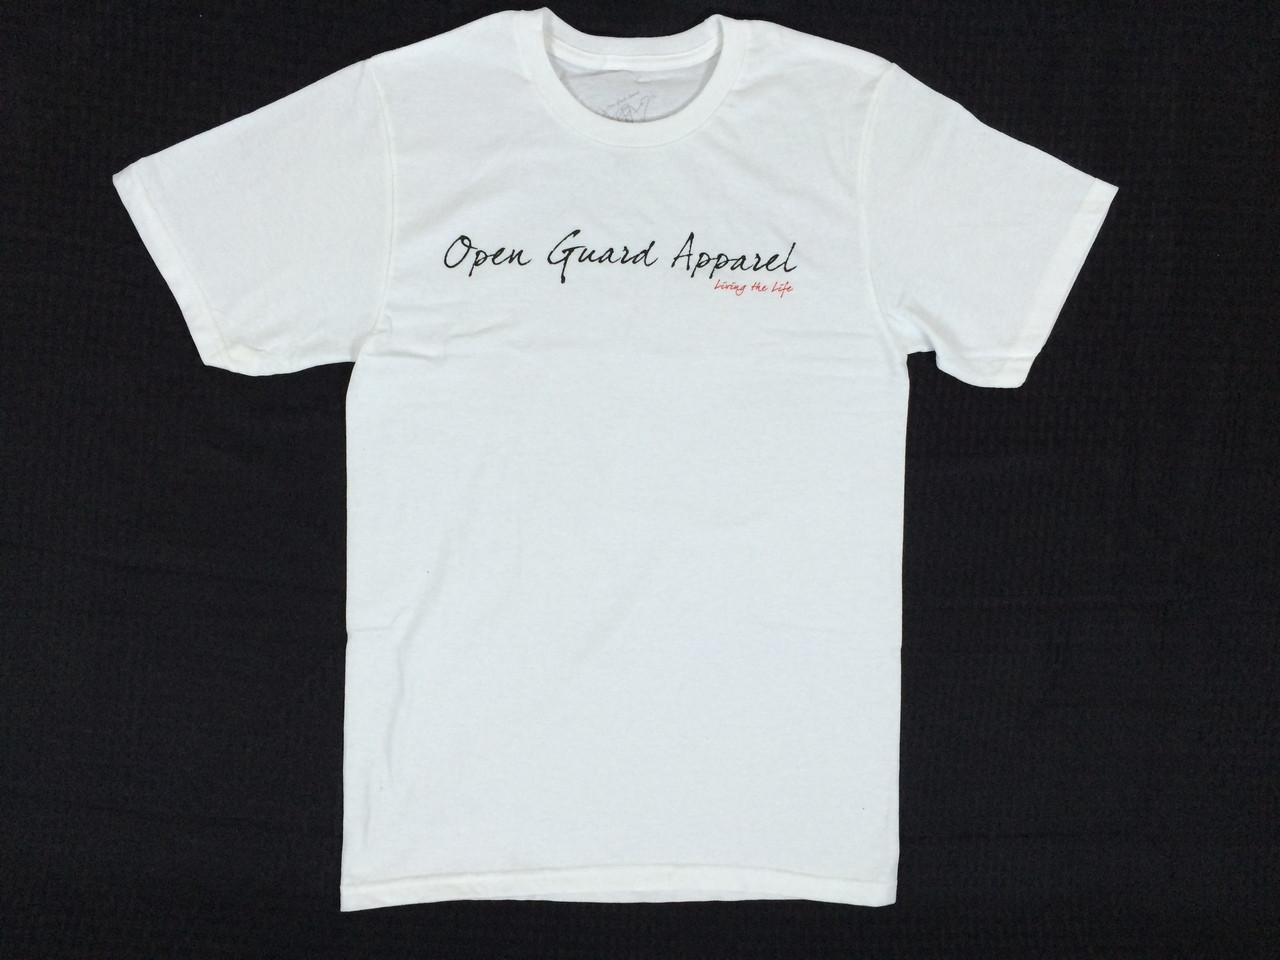 OGA Open Guard Apparel Shaka T-shirt white front.  @ www.thejiujitsushop.com